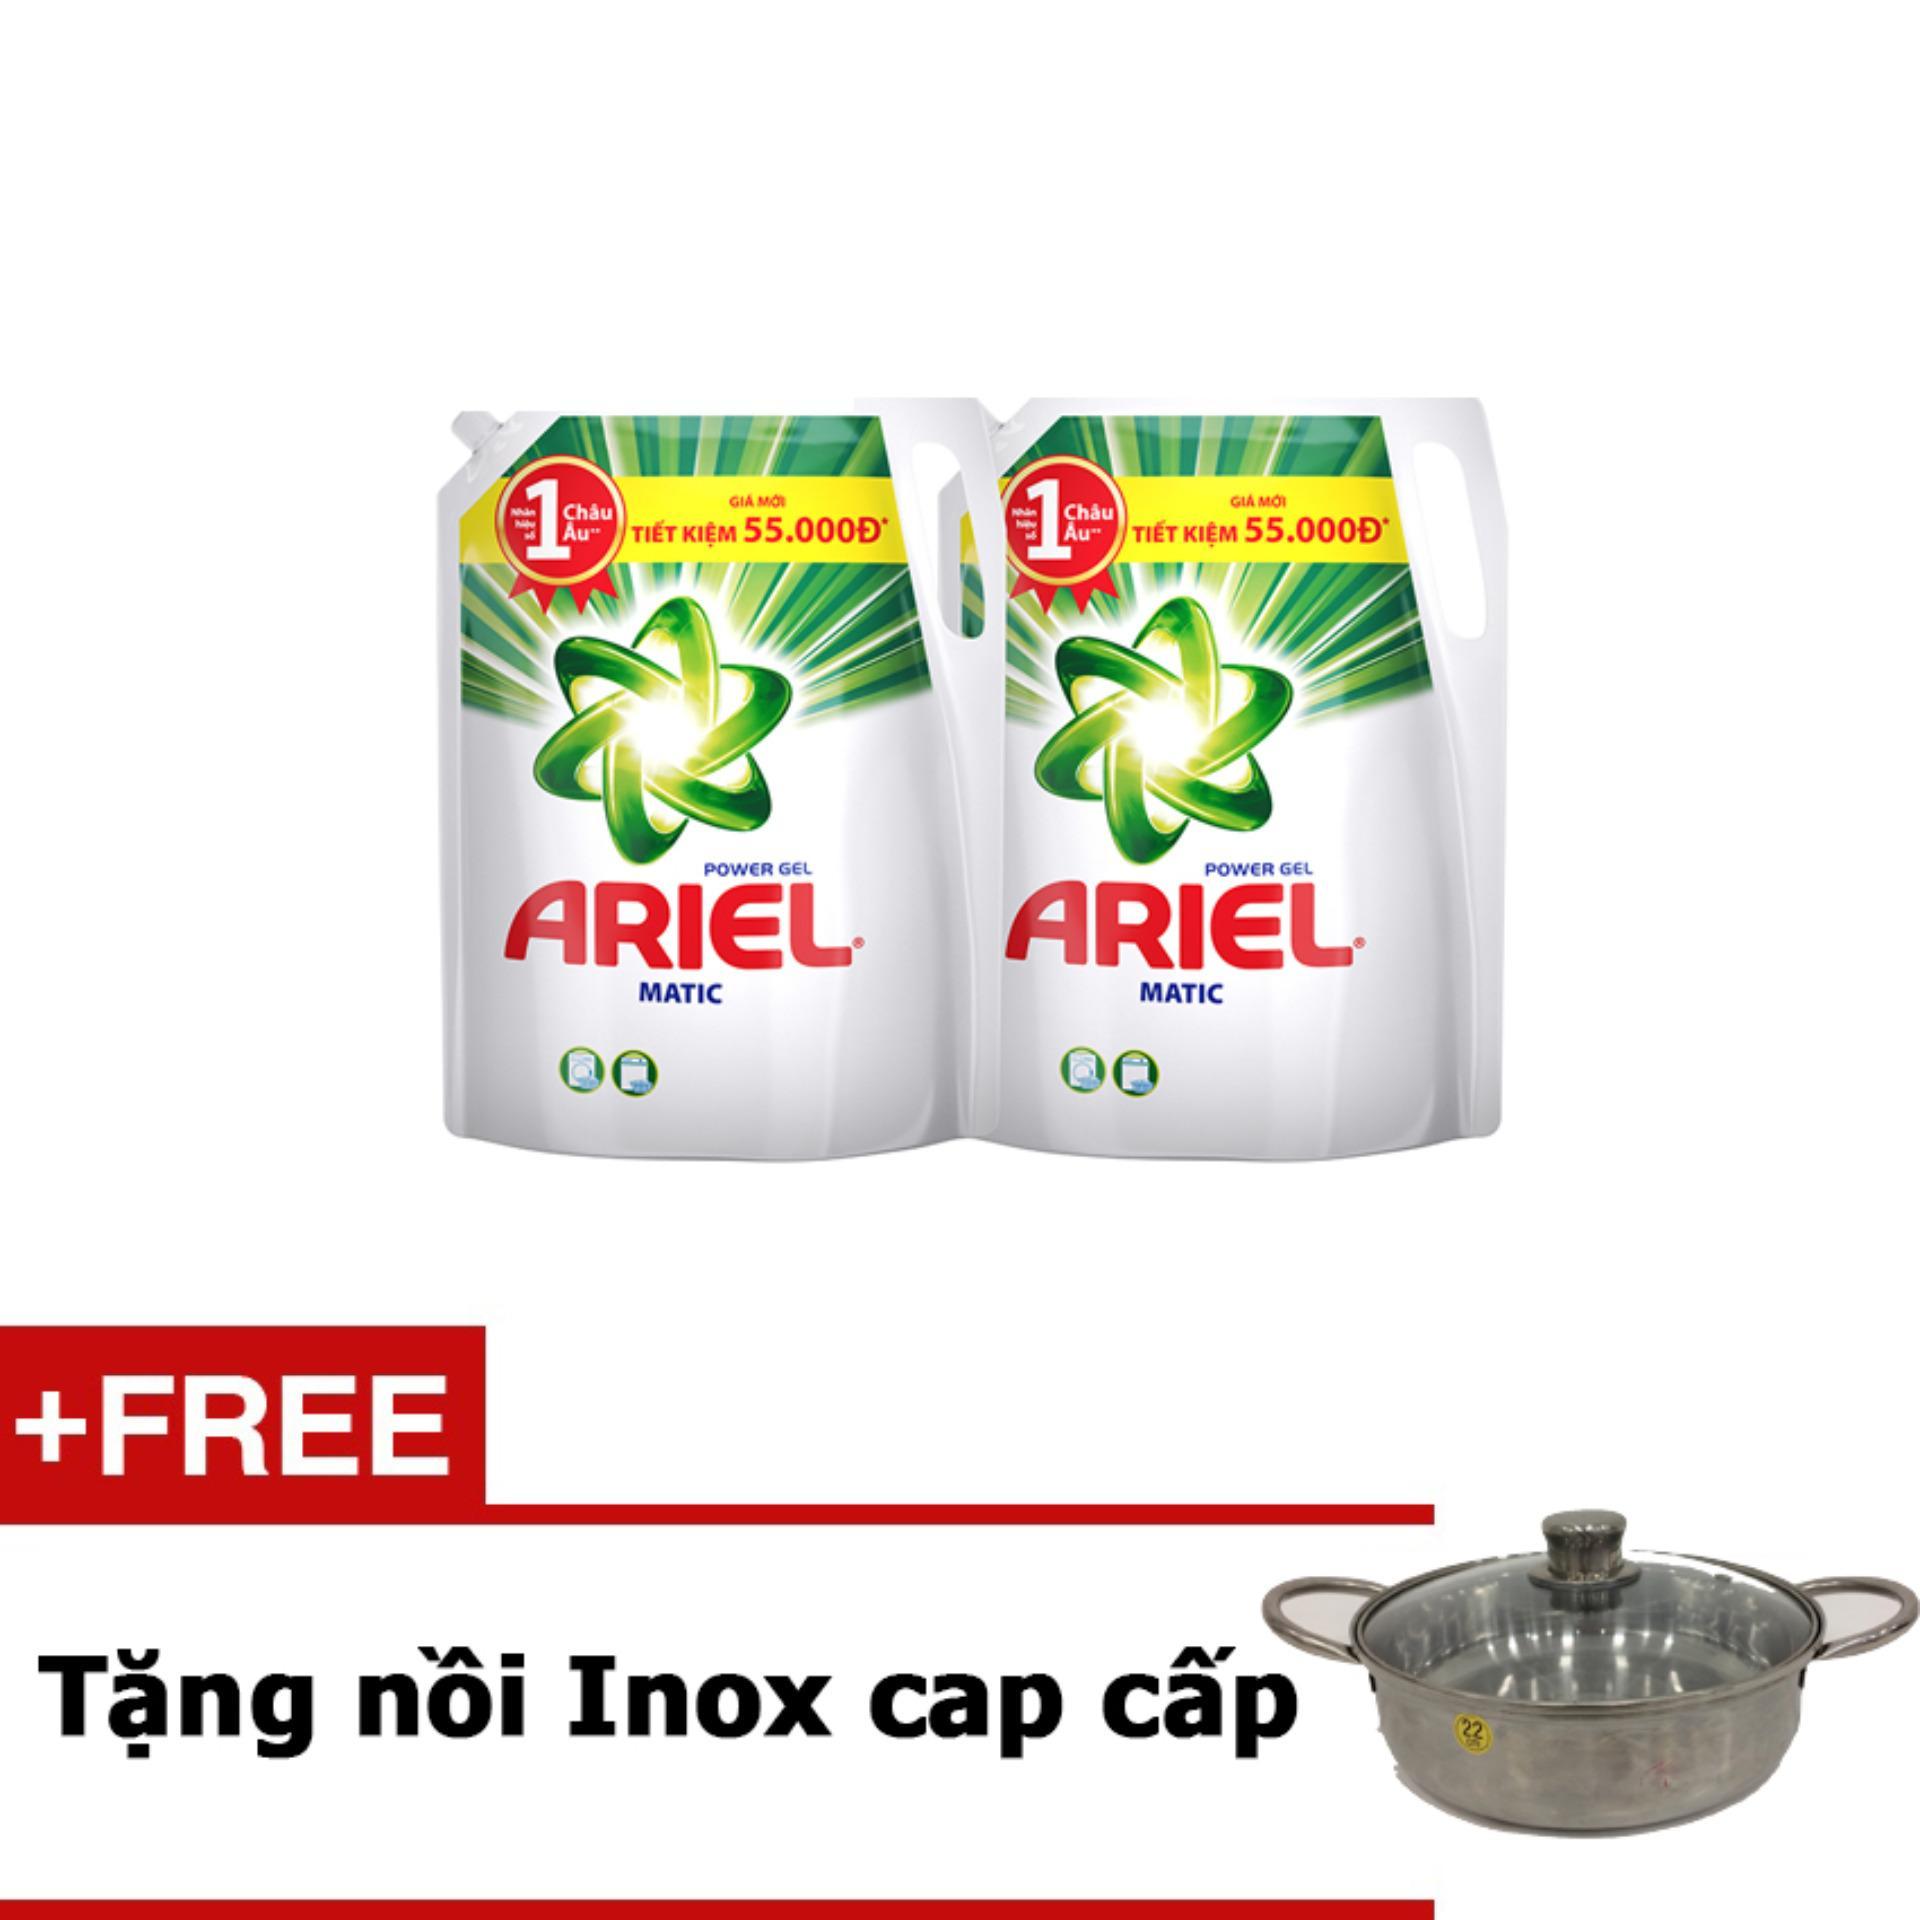 Bộ 2 Nước giặt Ariel gói 2.4KG tặng nồi Inox cao cấp